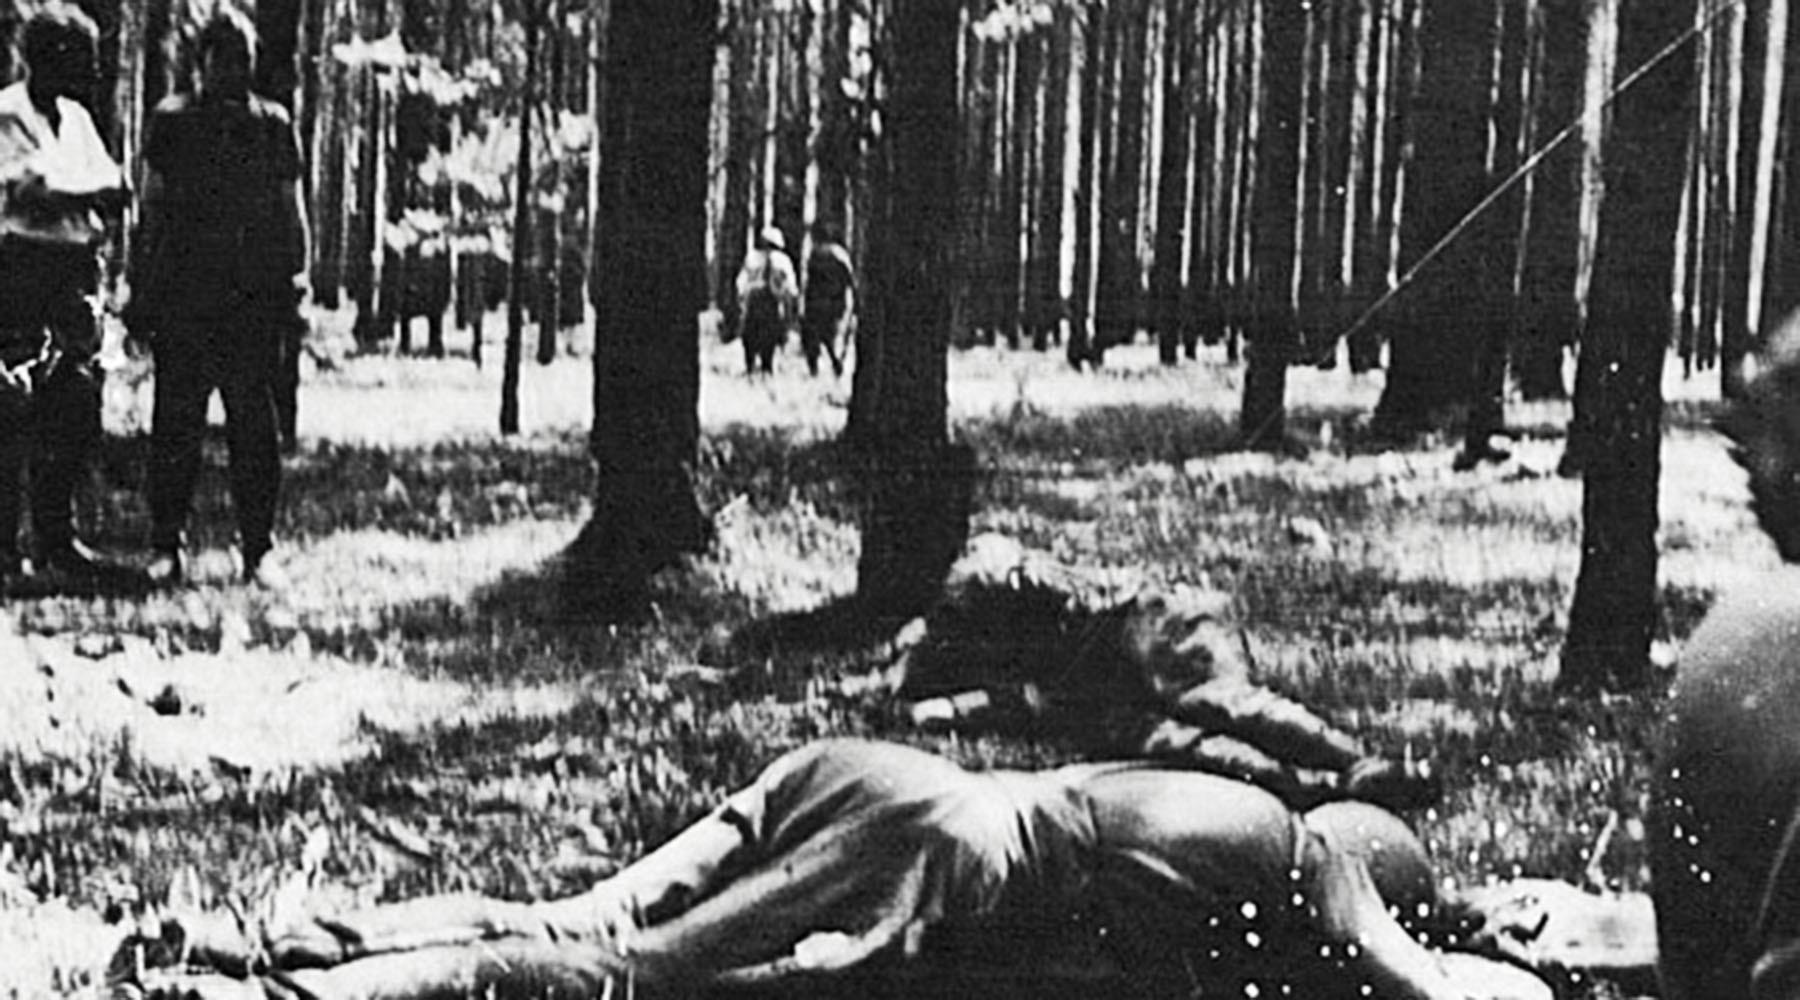 606f08d1ae5ac950016c507a «Об этом нельзя молчать»: Минобороны запустило проект о жертвах нацизма в годы ВОВ